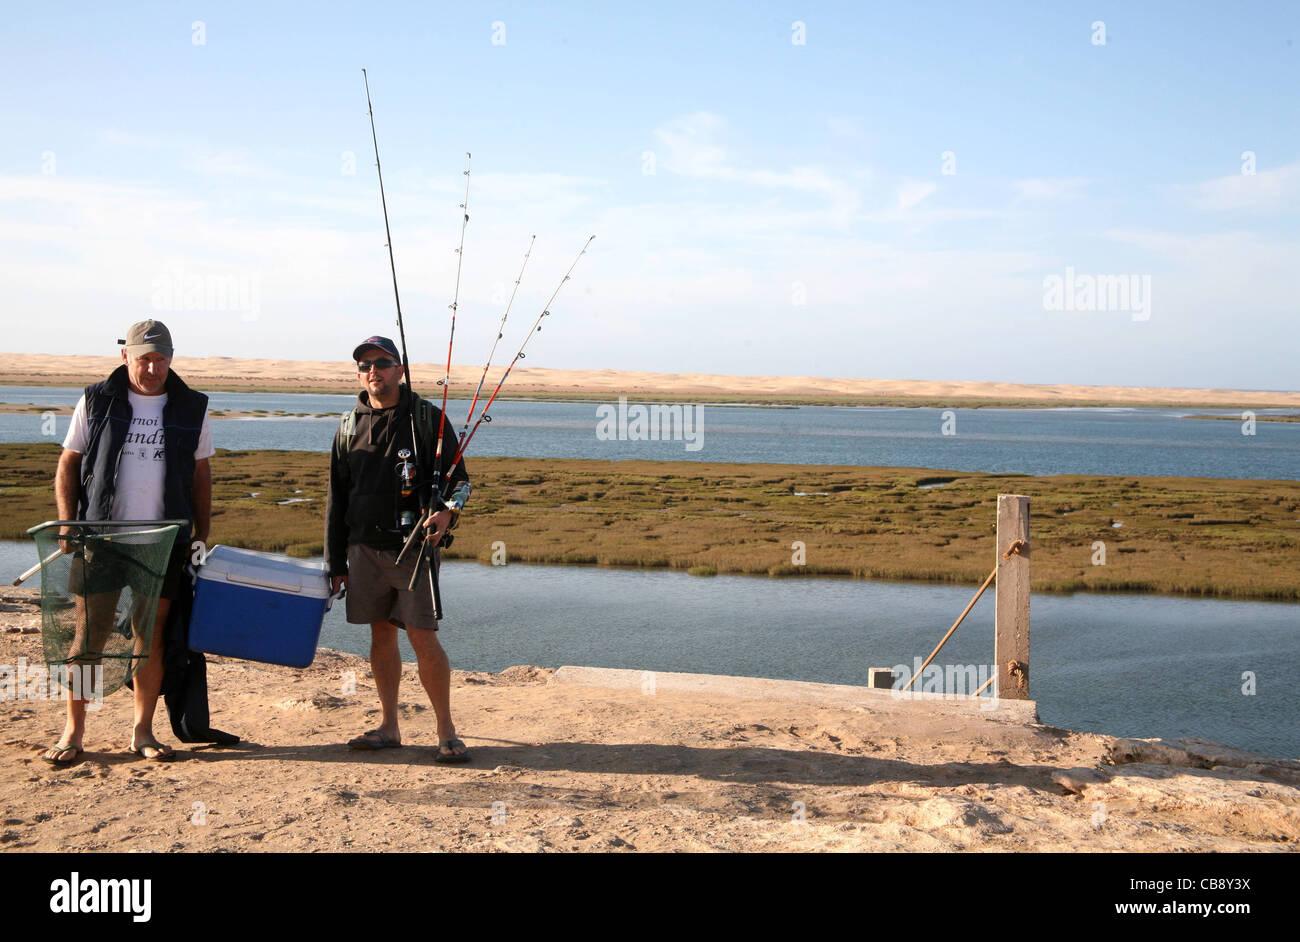 Due pescatori francesi nella foto a Lac Naila nel Sahara Occidentale Immagini Stock